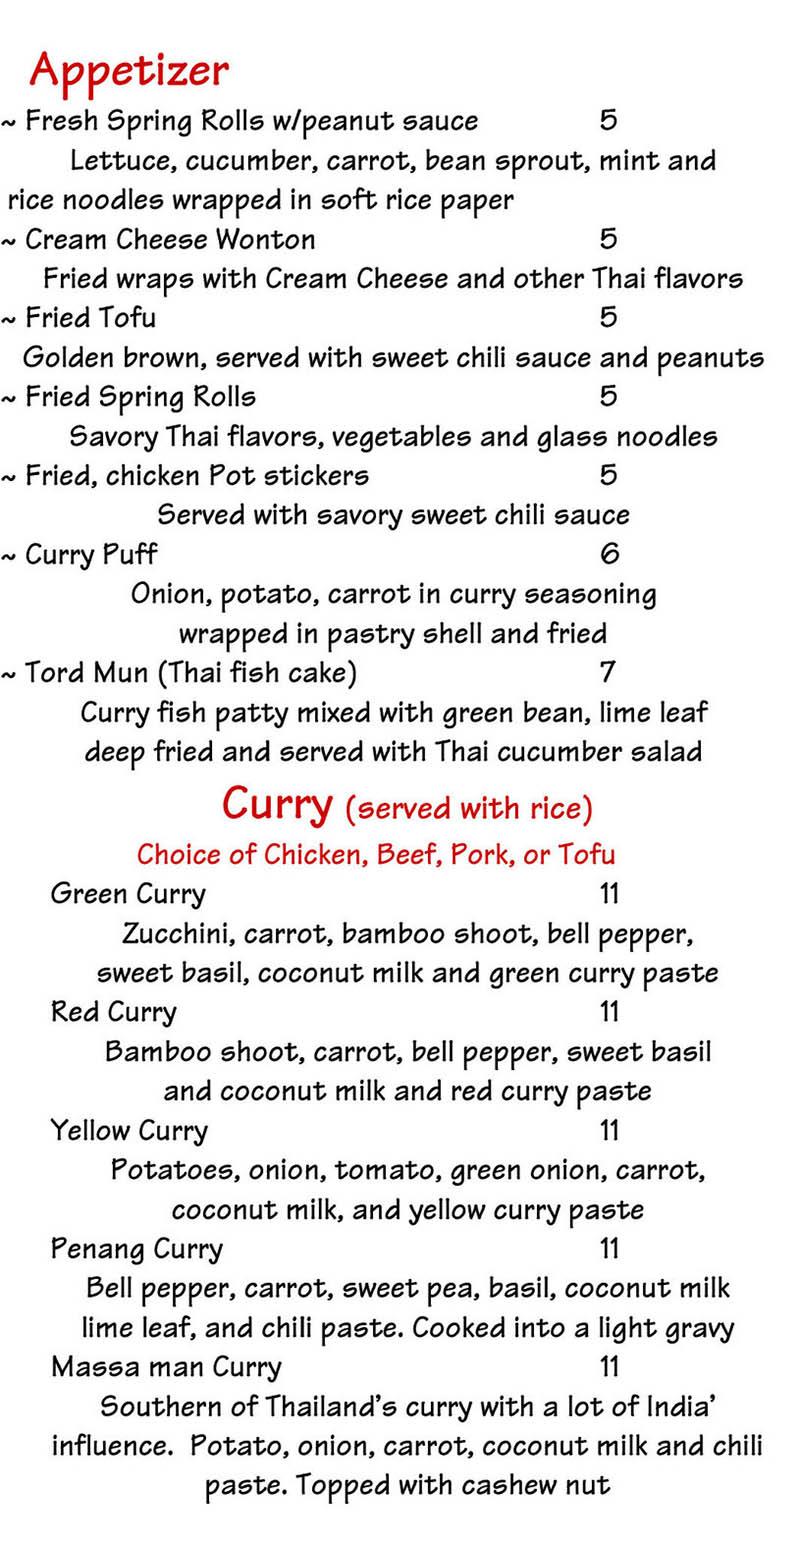 Chabaar Beyond Thai menu - appetizers, curry